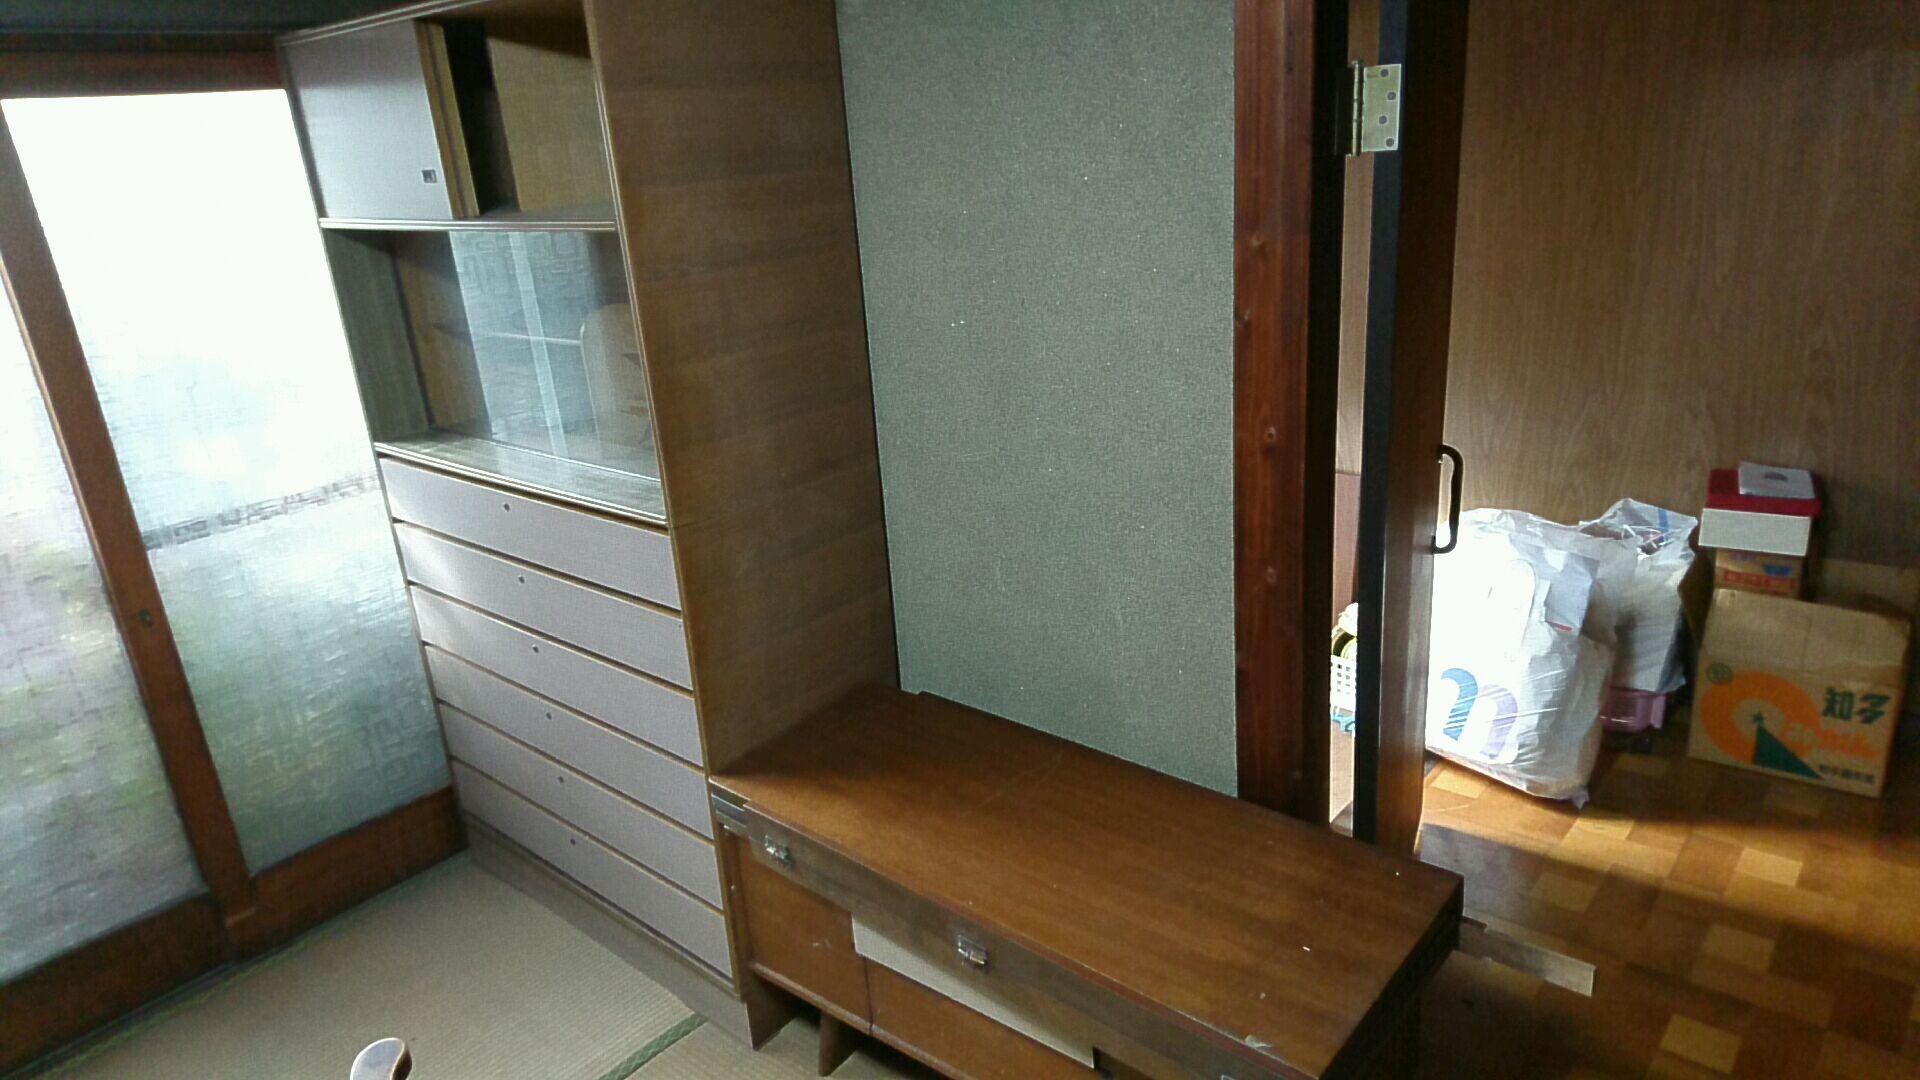 【愛知県名古屋市緑区】引っ越しに伴う不用品回収